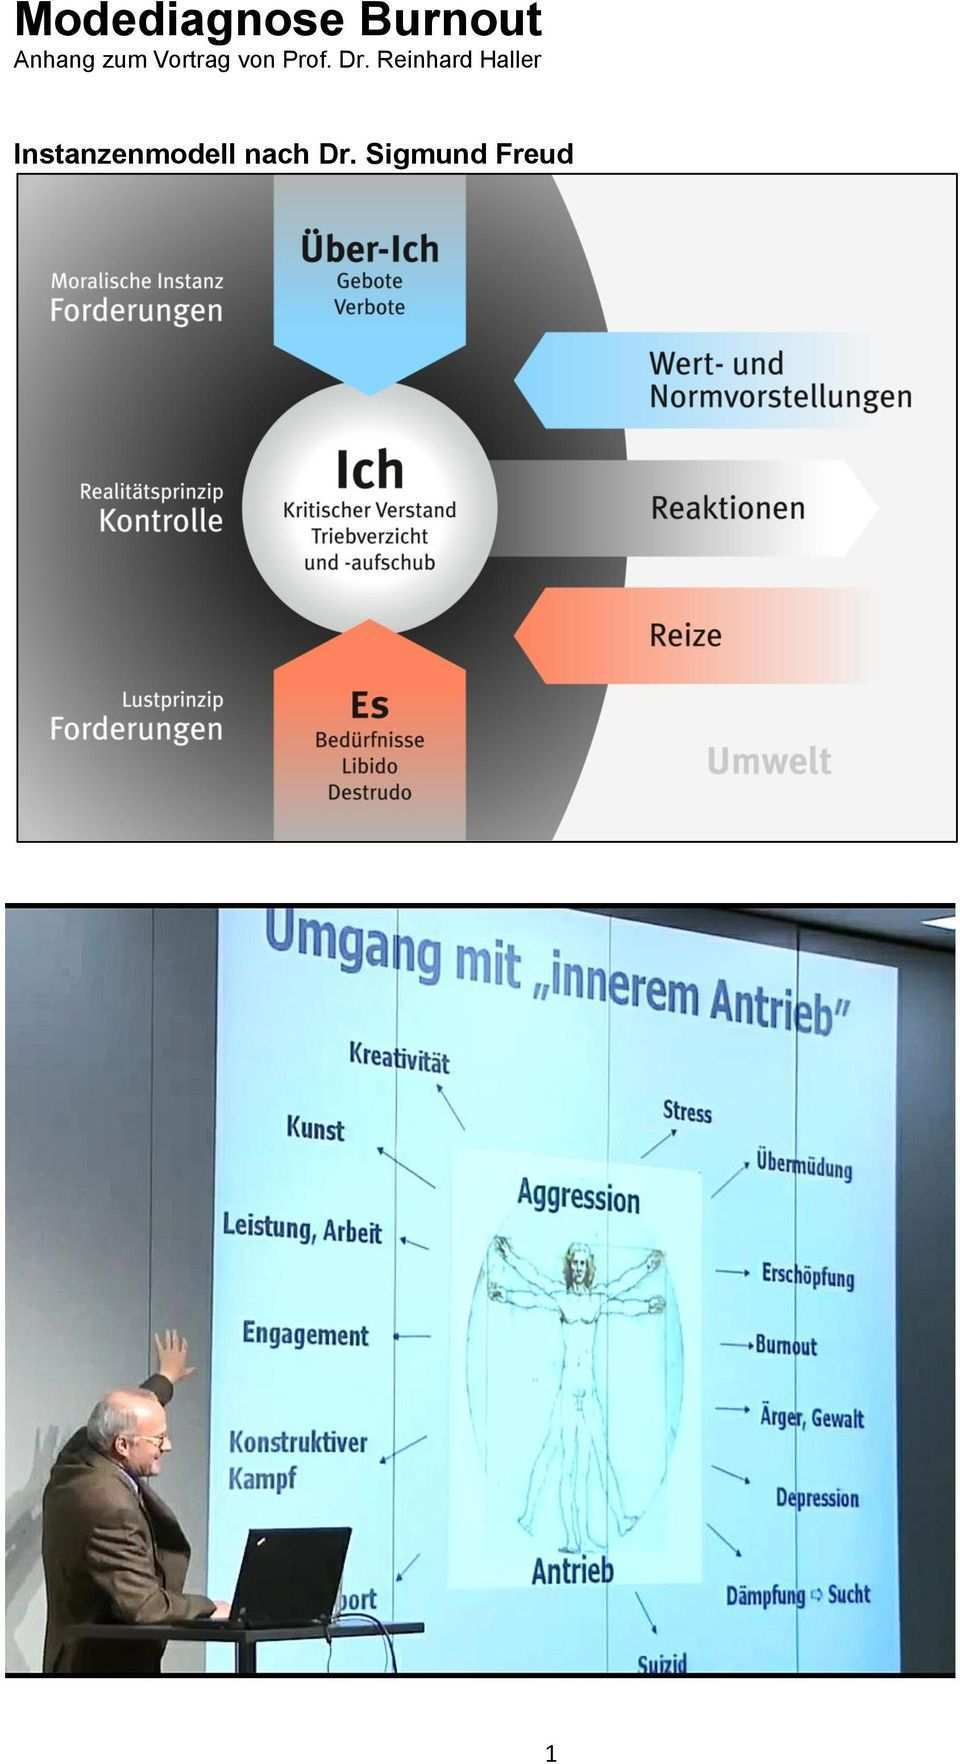 Modediagnose Burnout Anhang Zum Vortrag Von Prof Dr Reinhard Haller Instanzenmodell Nach Dr Sigmund Freud Pdf Free Download